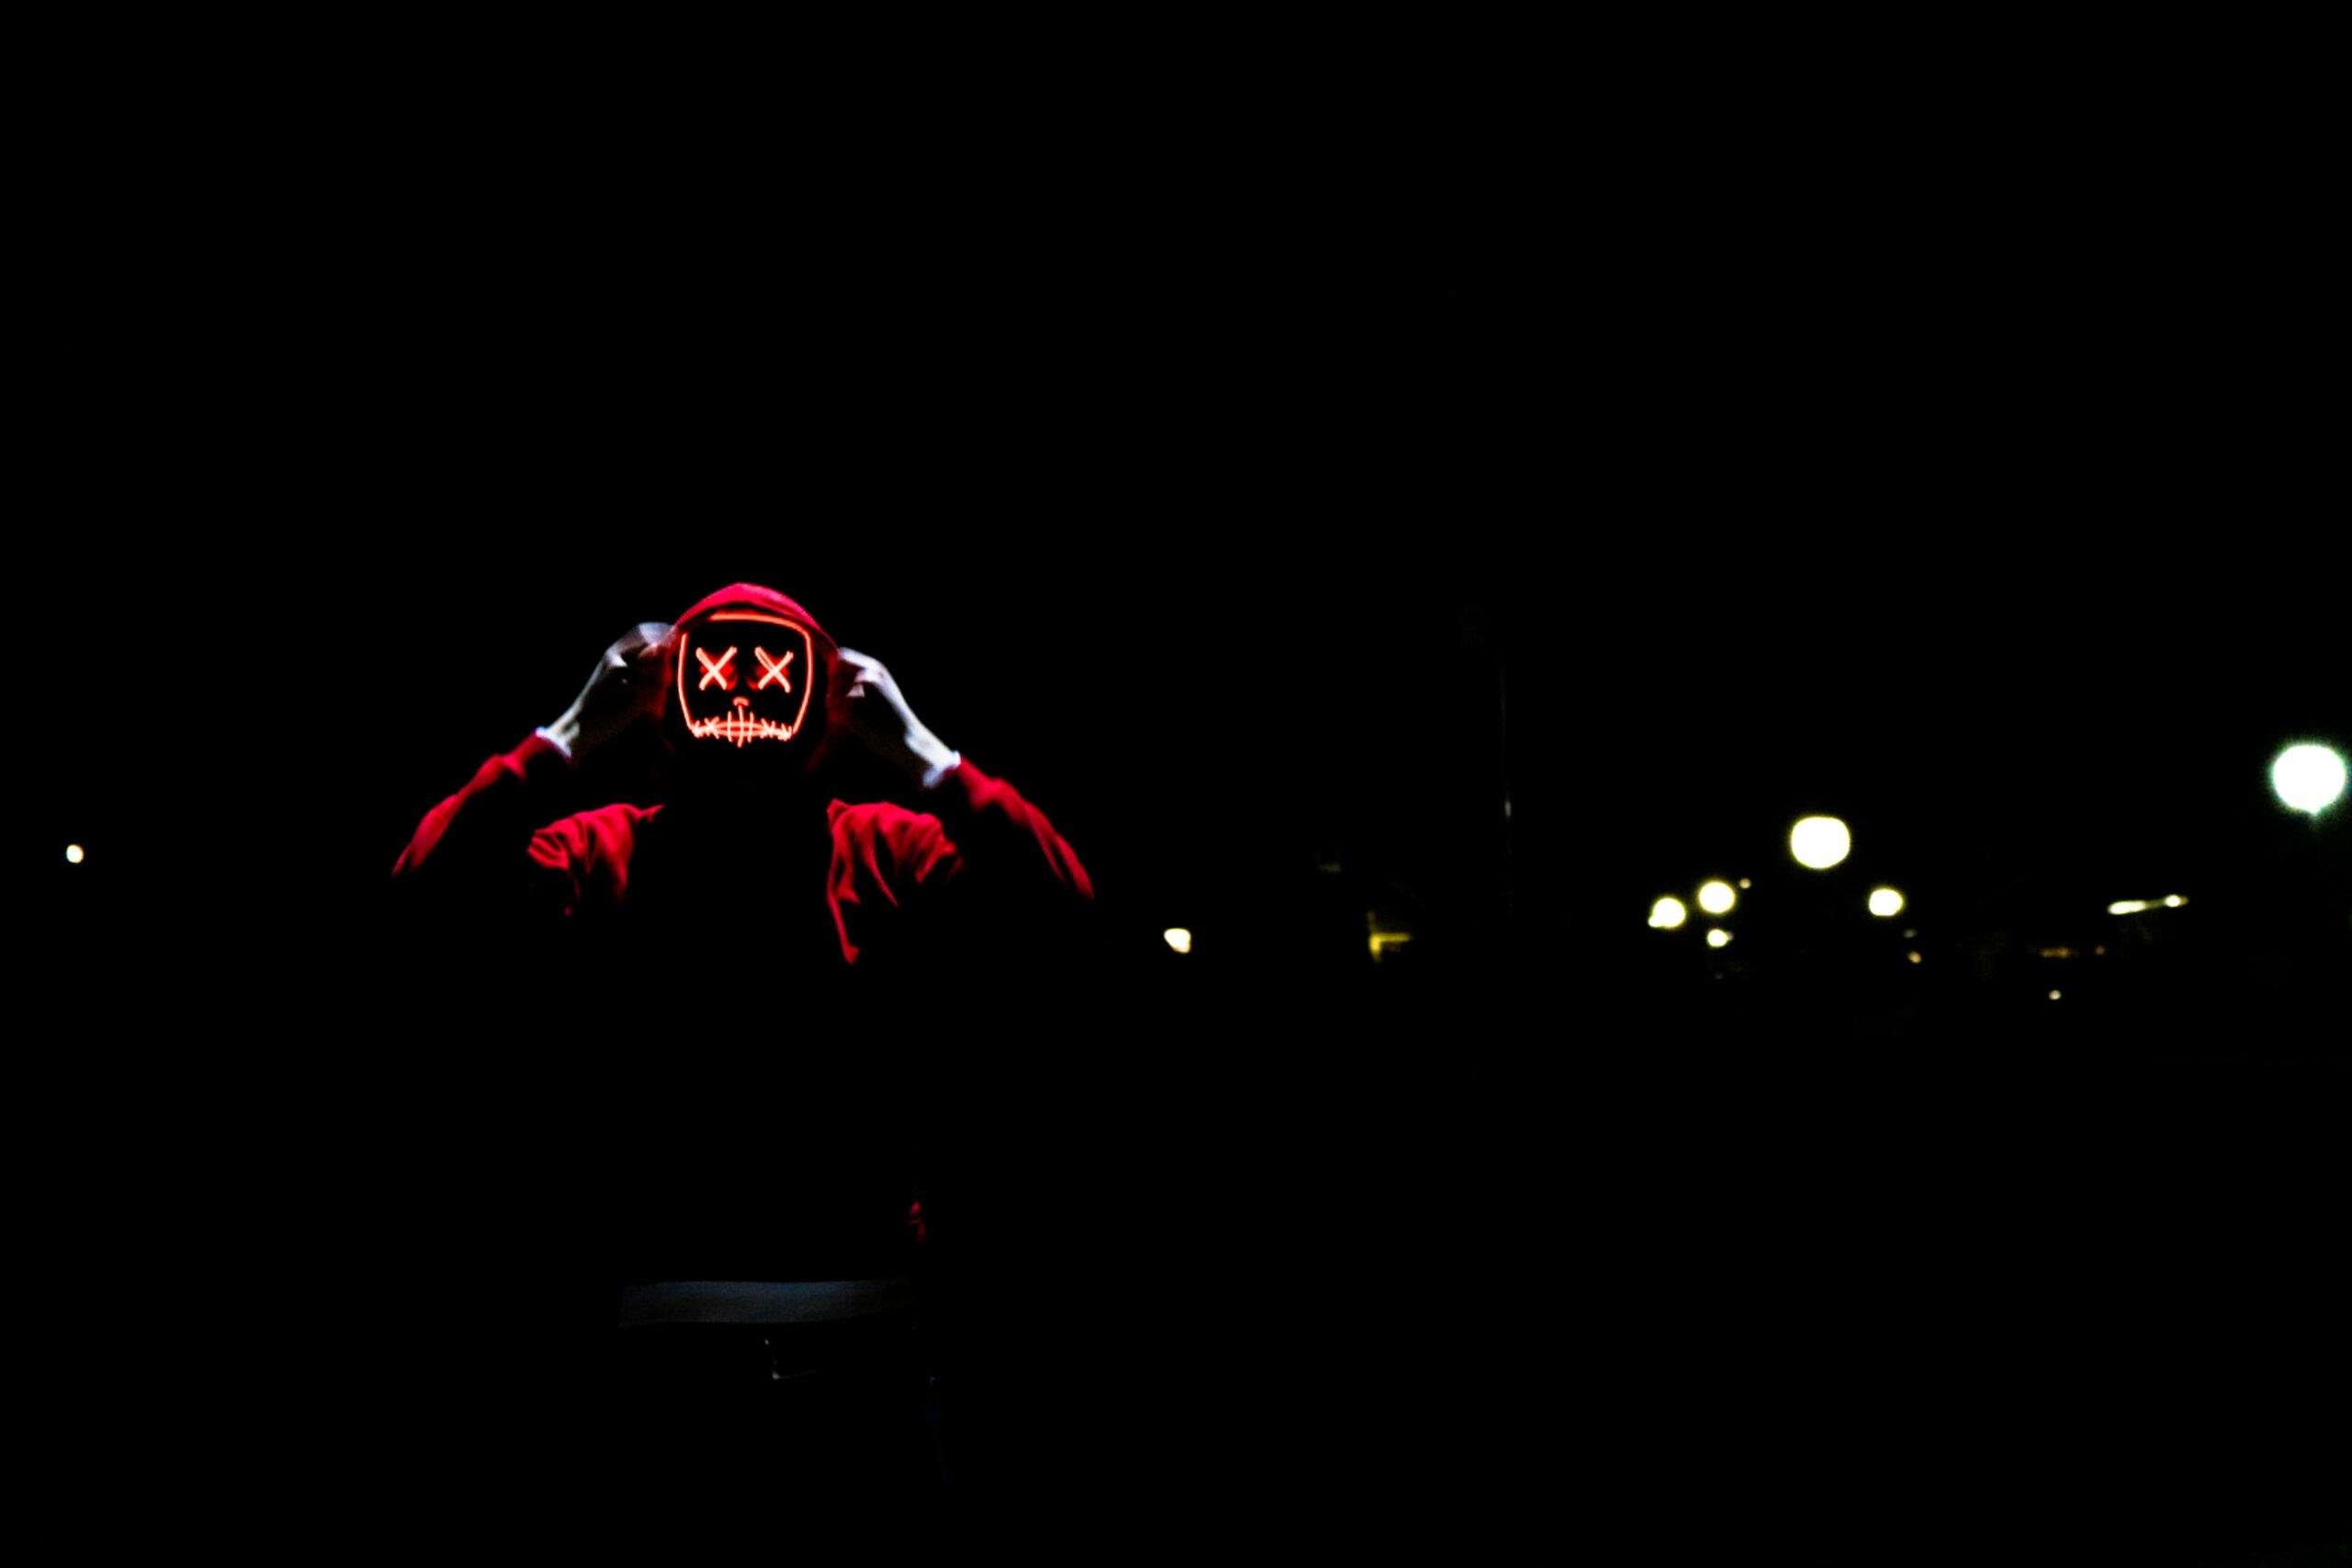 5 coisas para saber sobre o dark romance